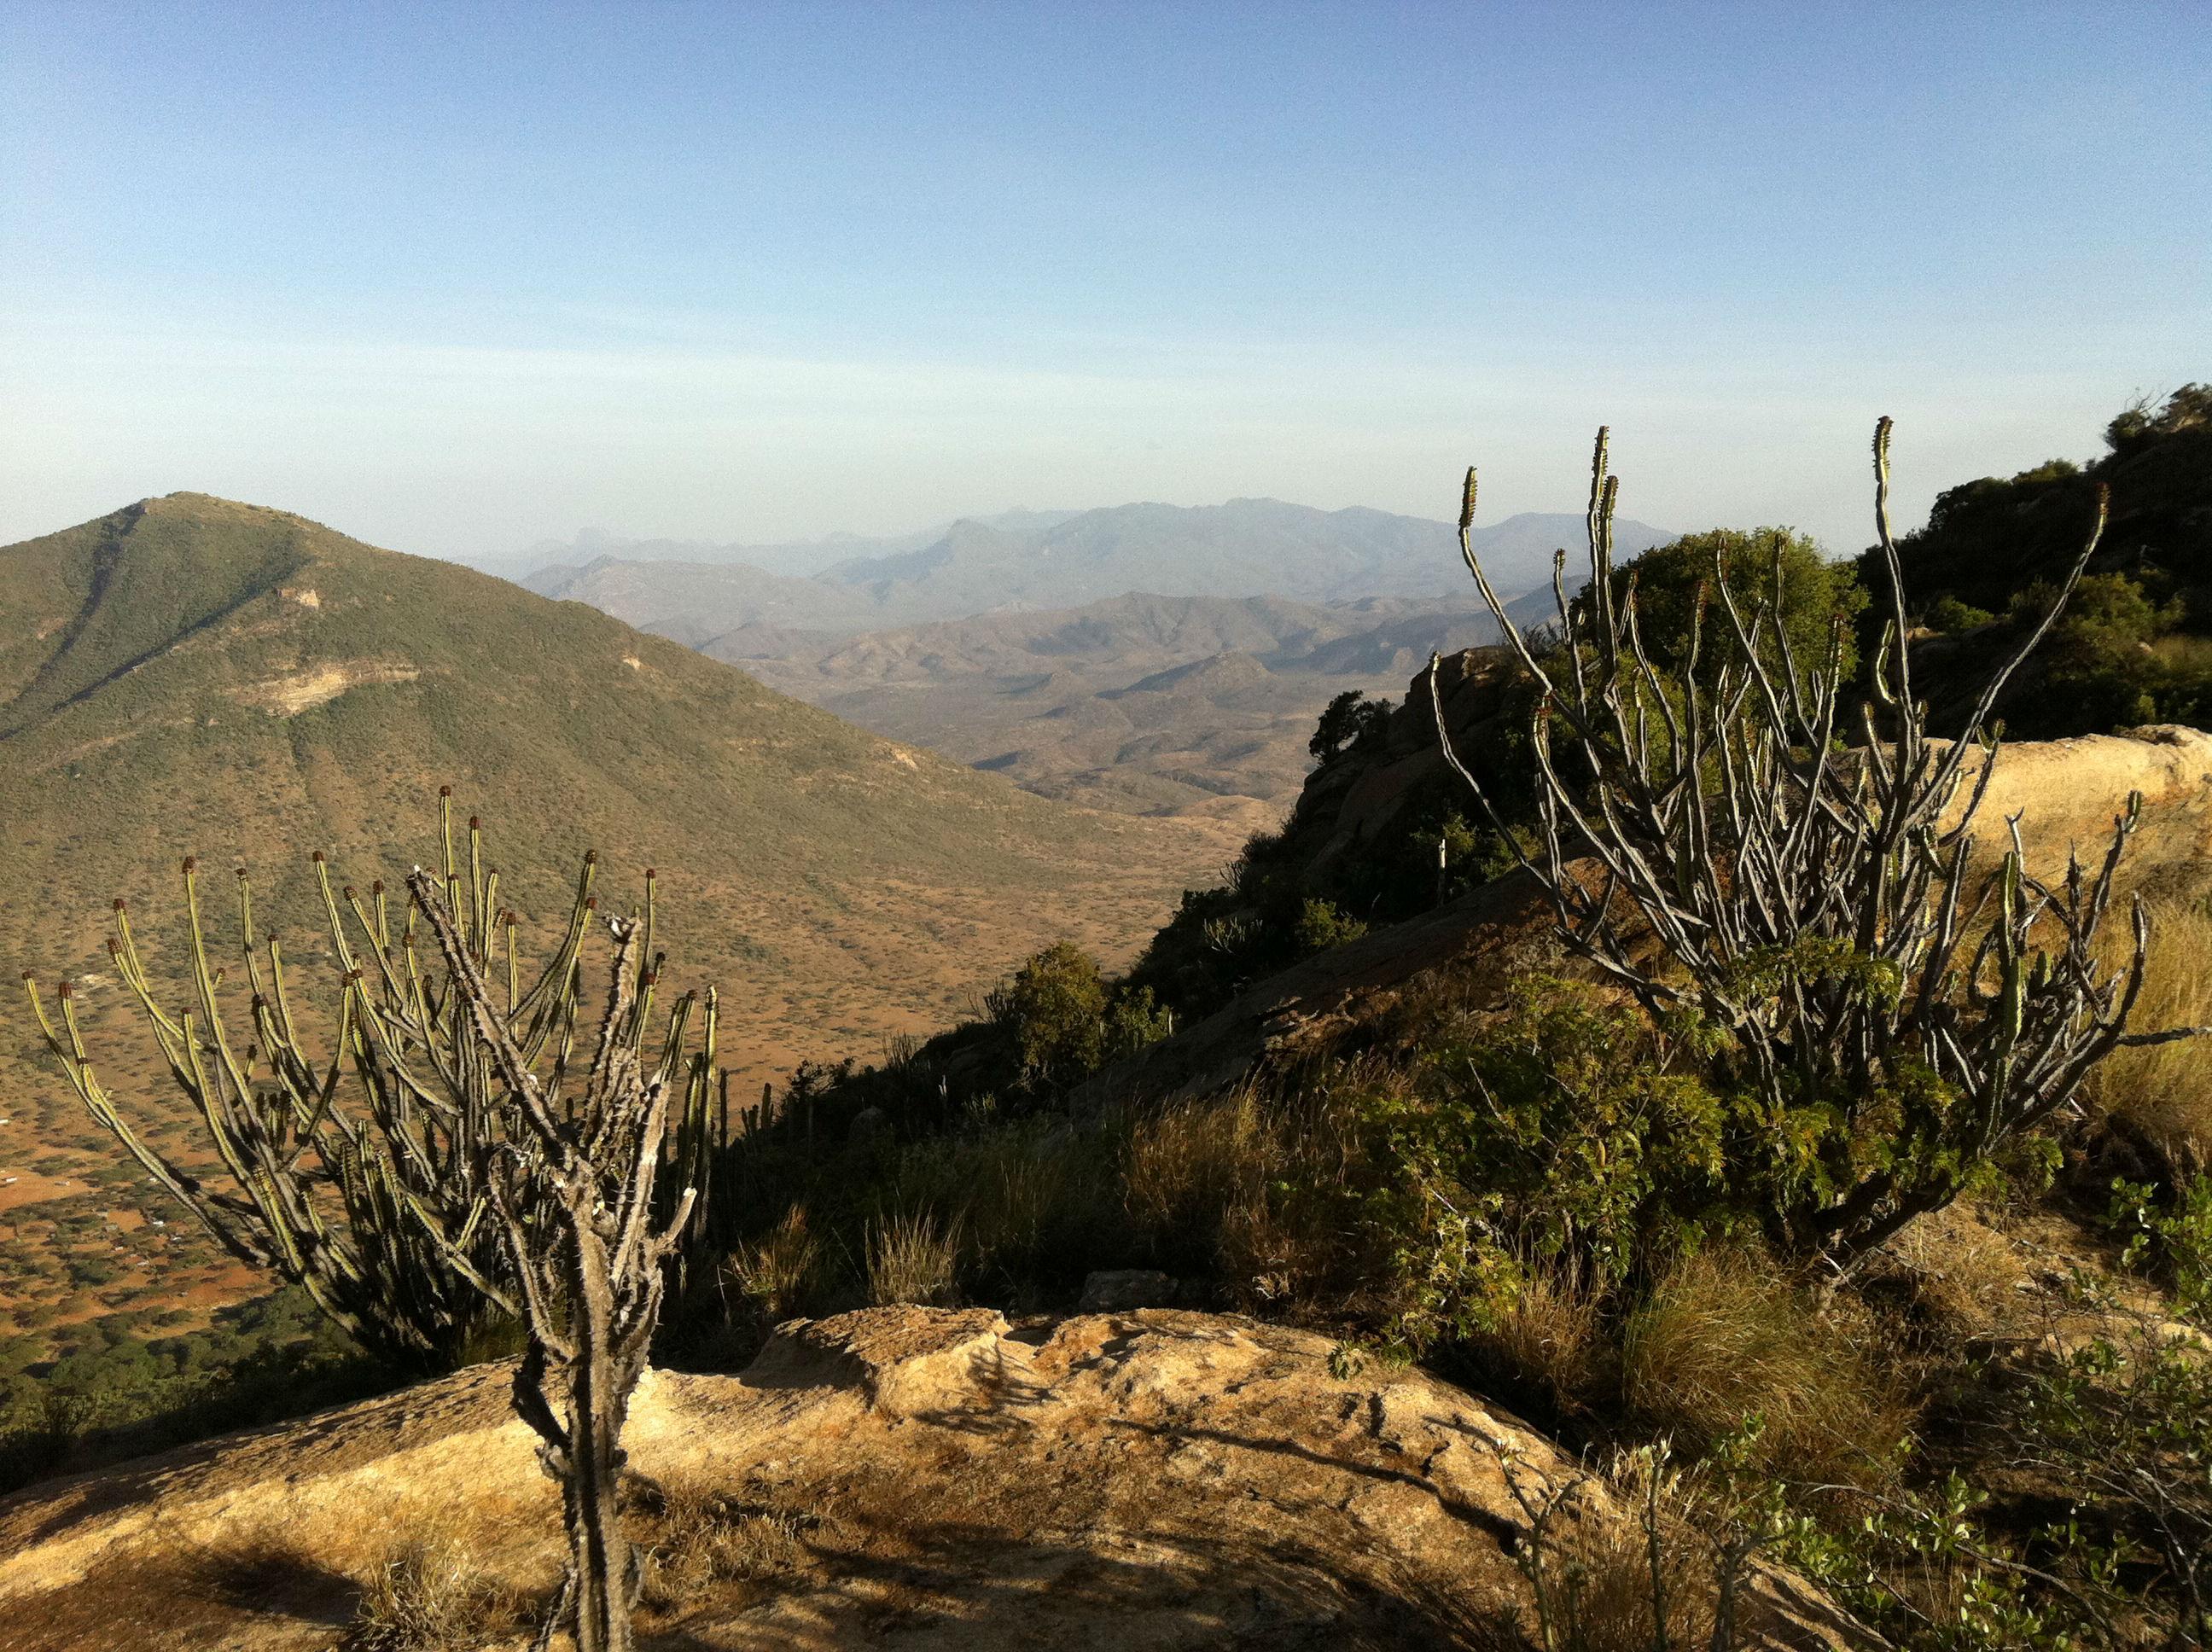 Trekking & Rock Climbing